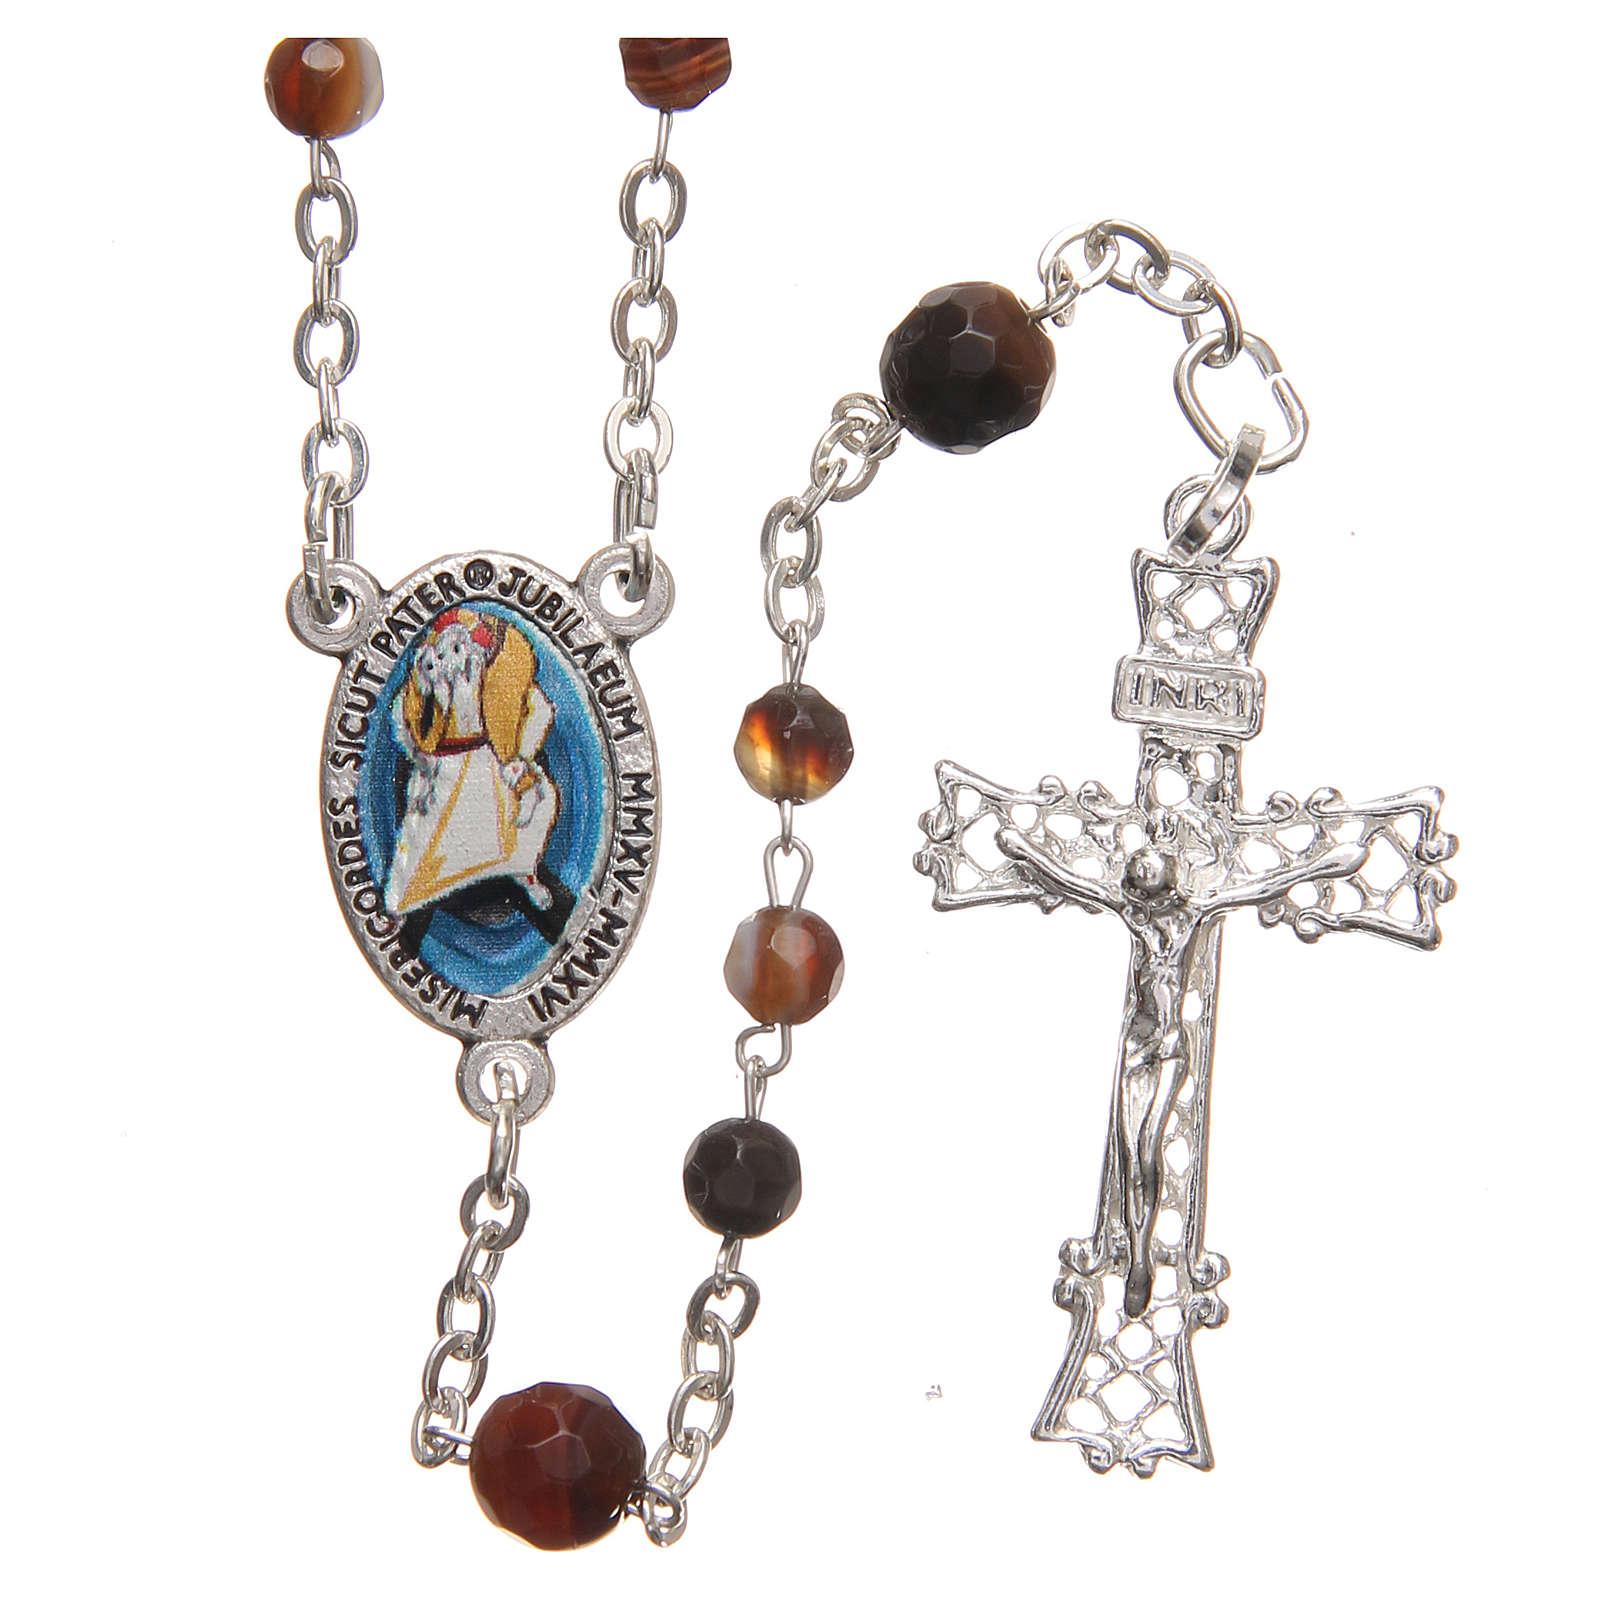 STOCK Różaniec Papież Franciszek srebro 925 agat brazylijski 4 mm brązowy 4